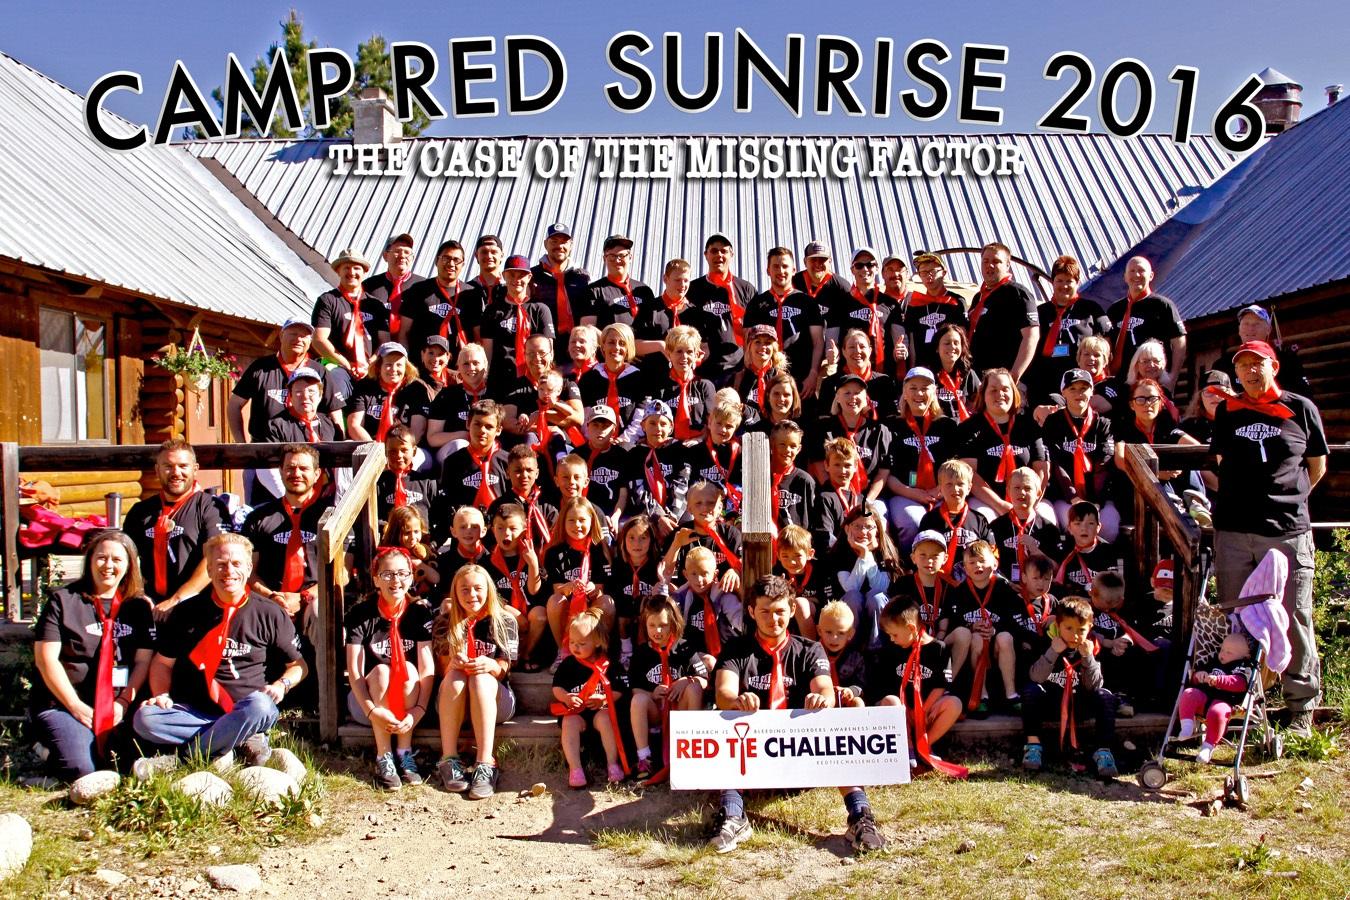 Camp Red Sunrise